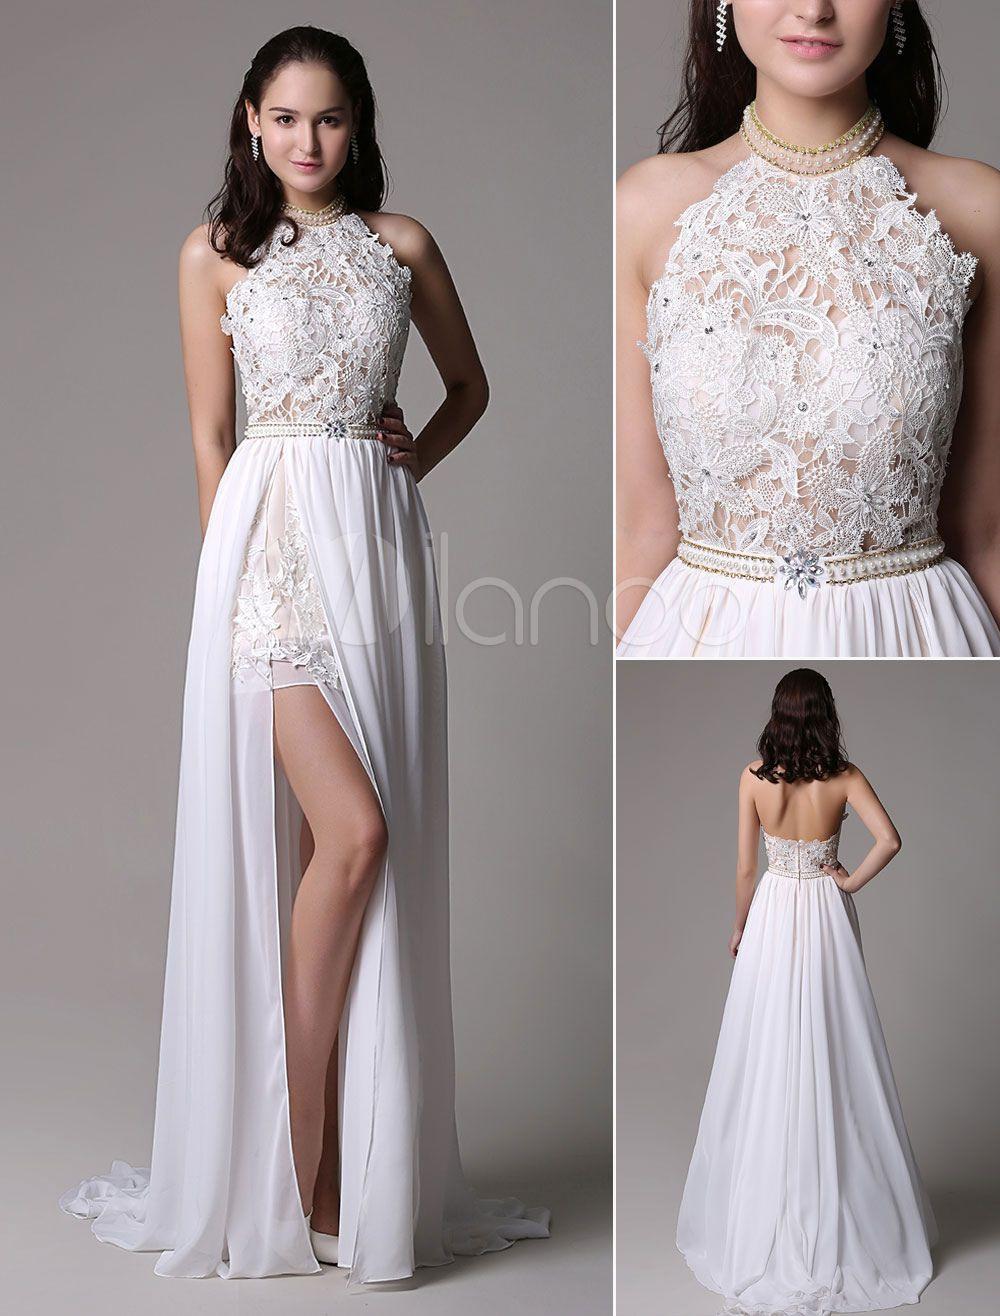 Einfach Langes Abendkleid Spitze DesignFormal Elegant Langes Abendkleid Spitze Vertrieb